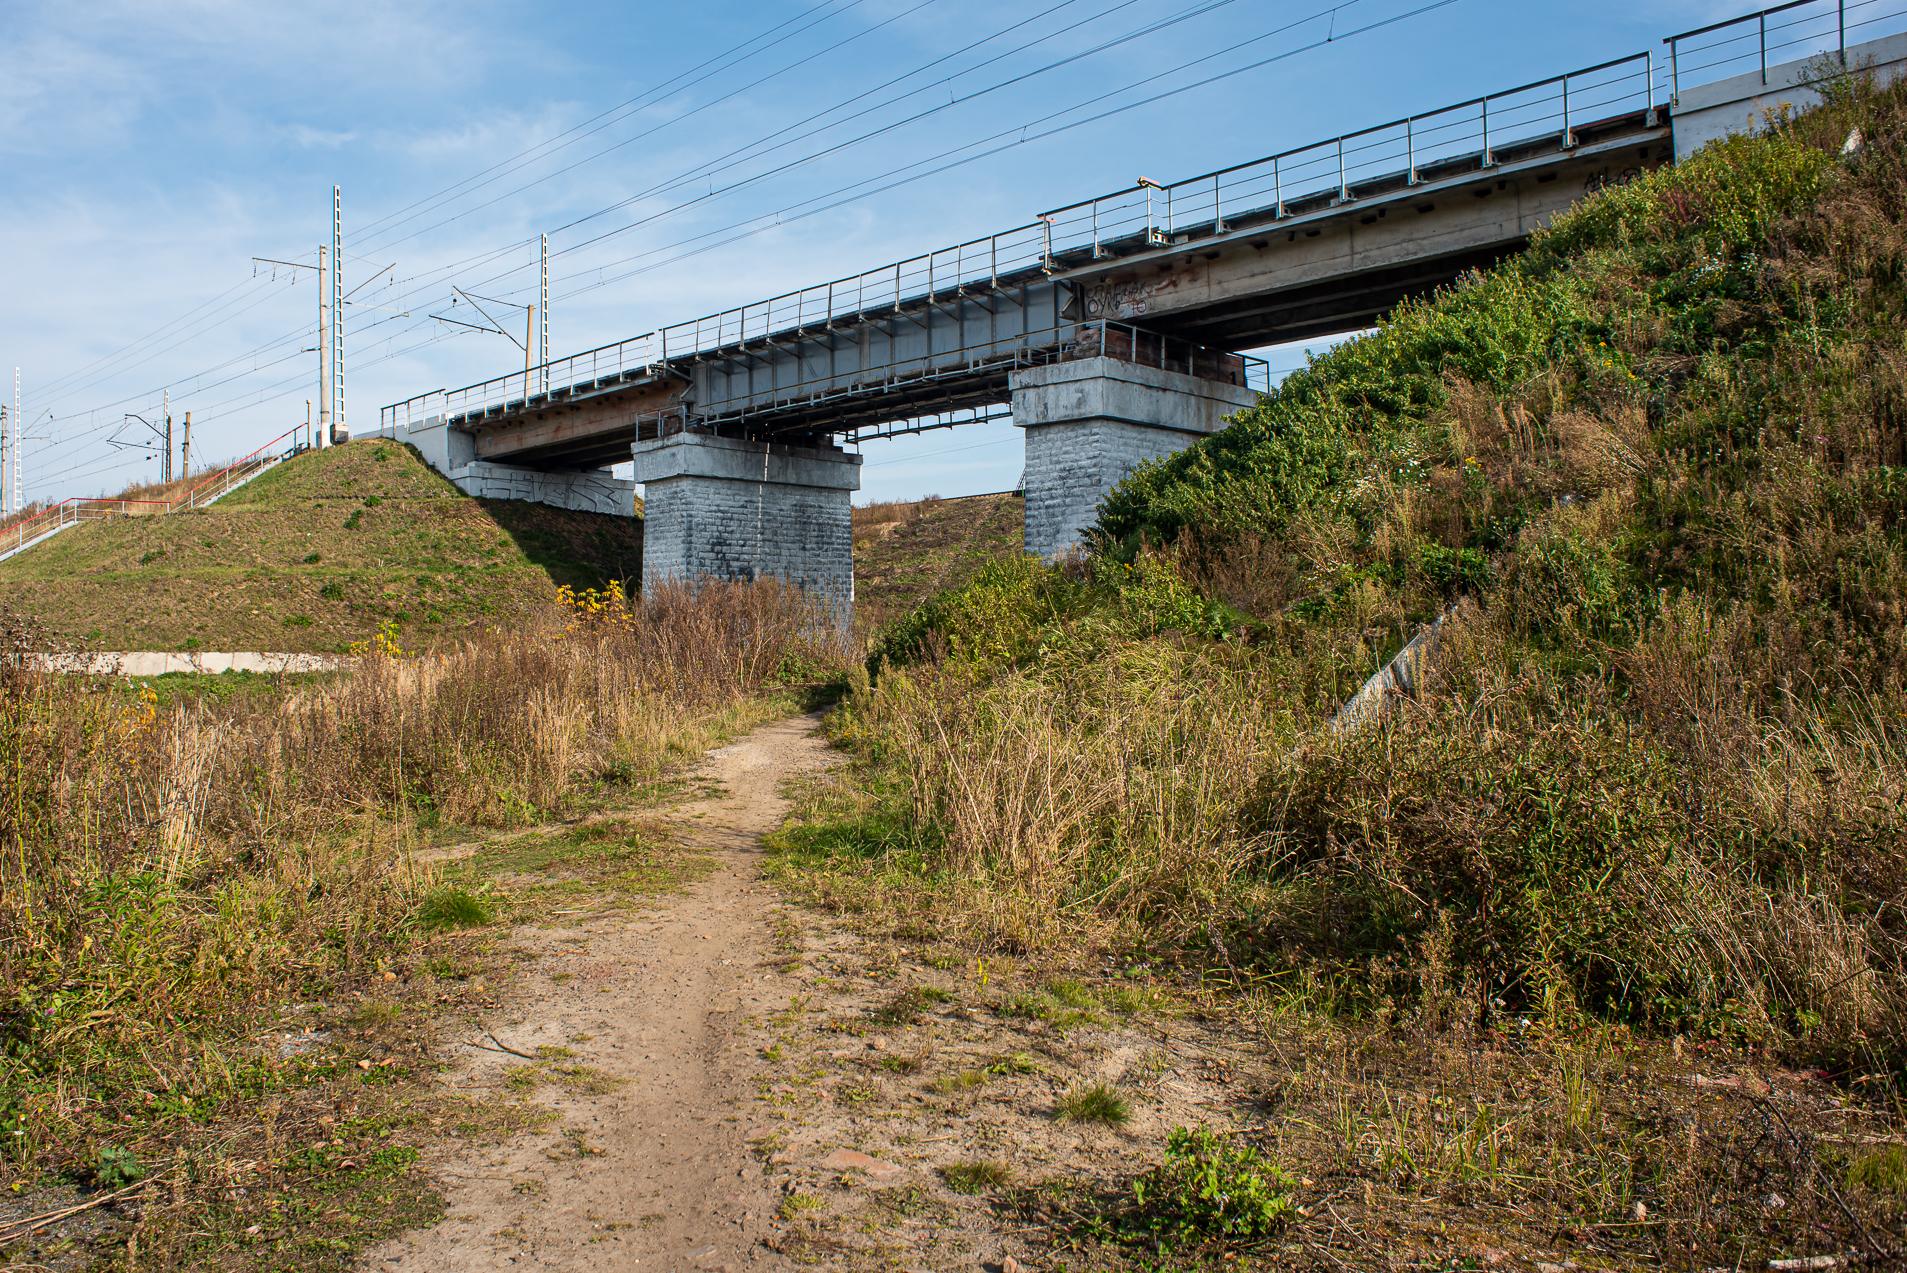 Барыбино, дорога к мосту, новый железнодорожный мост